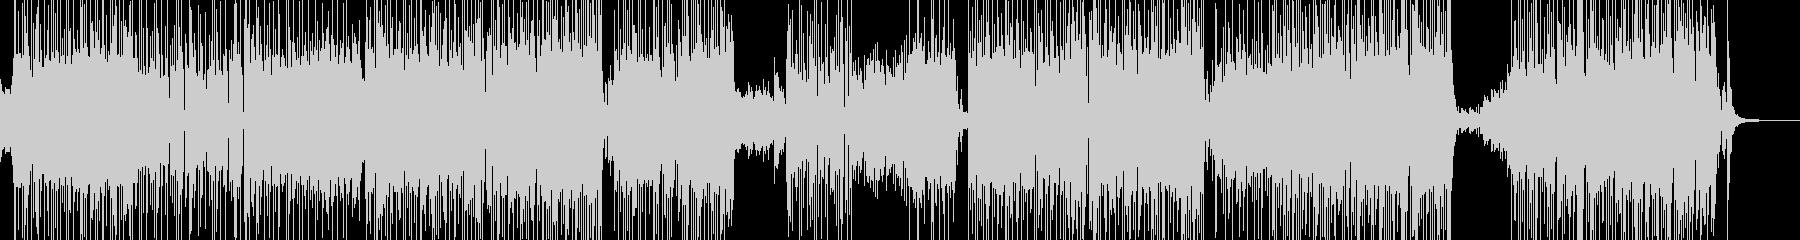 胸キュン・メルヘンな映像に 長尺★の未再生の波形